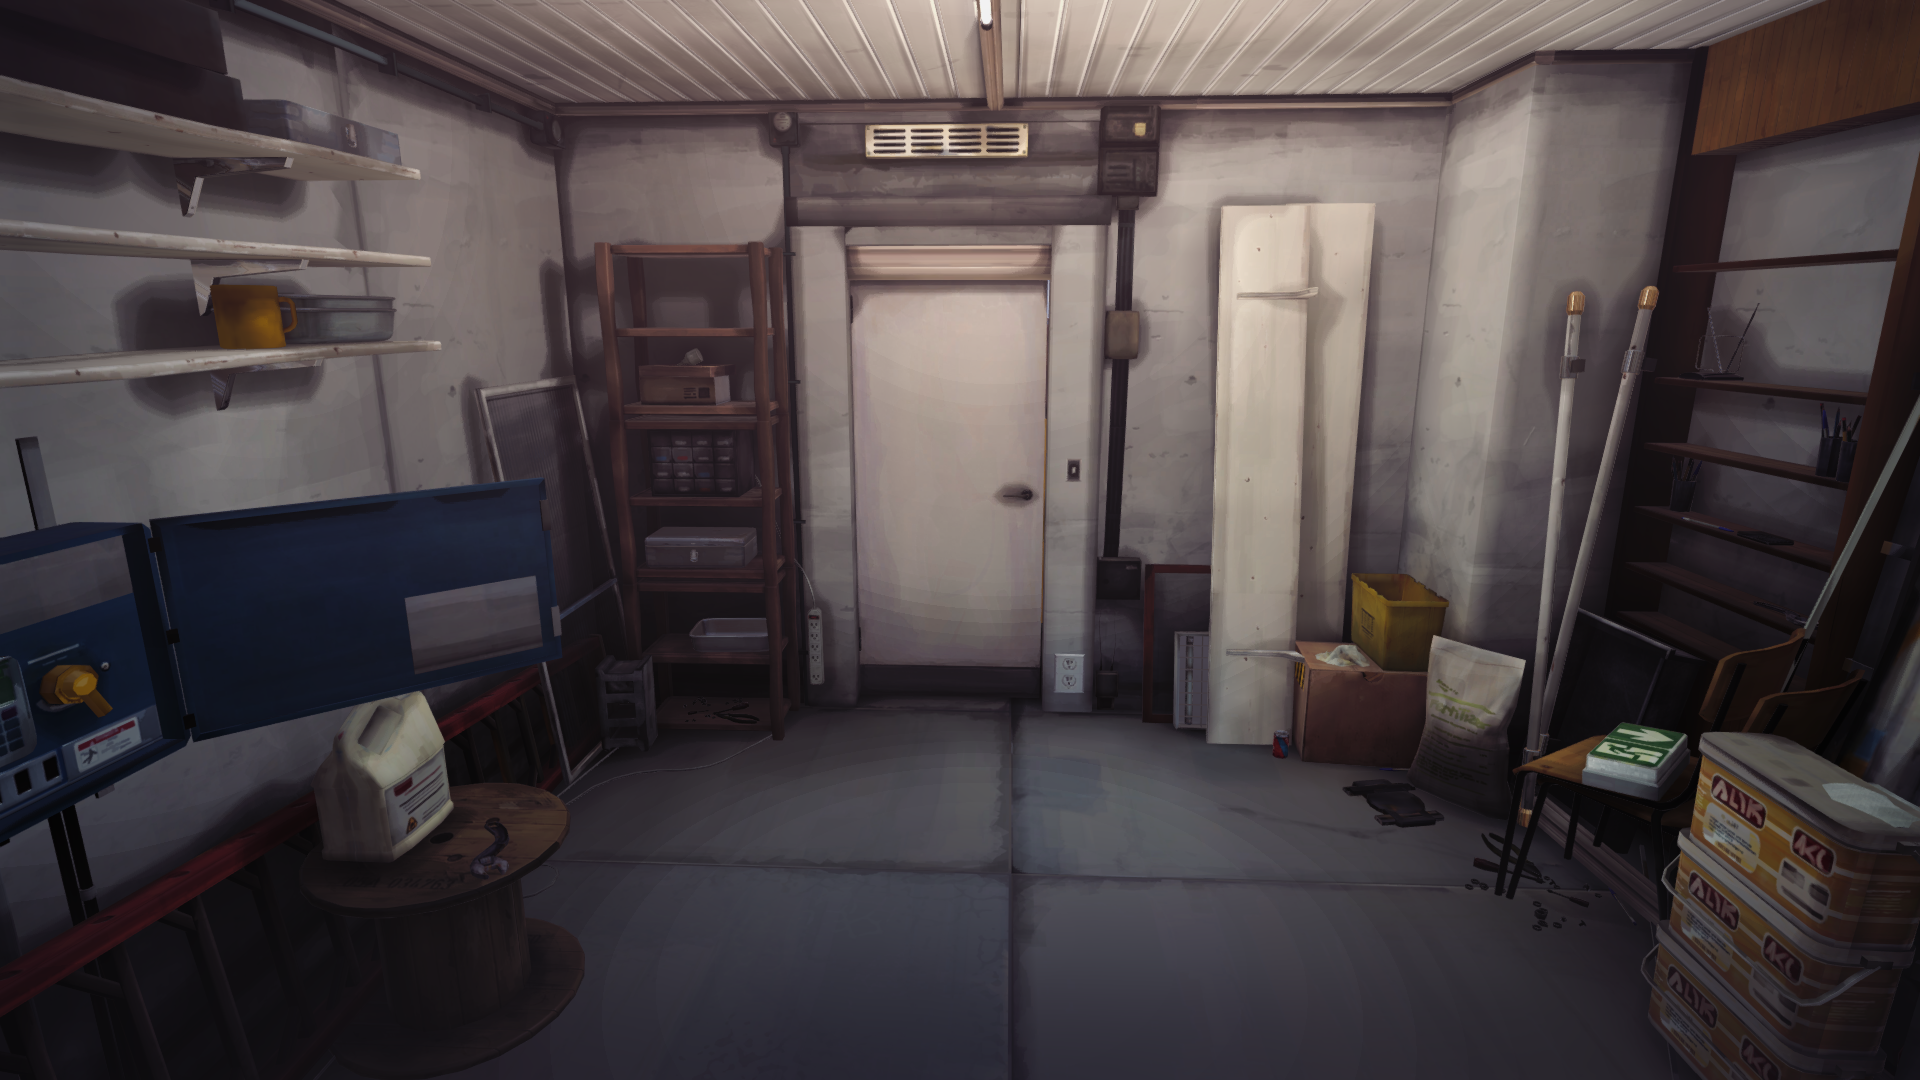 Custodialroom-inside